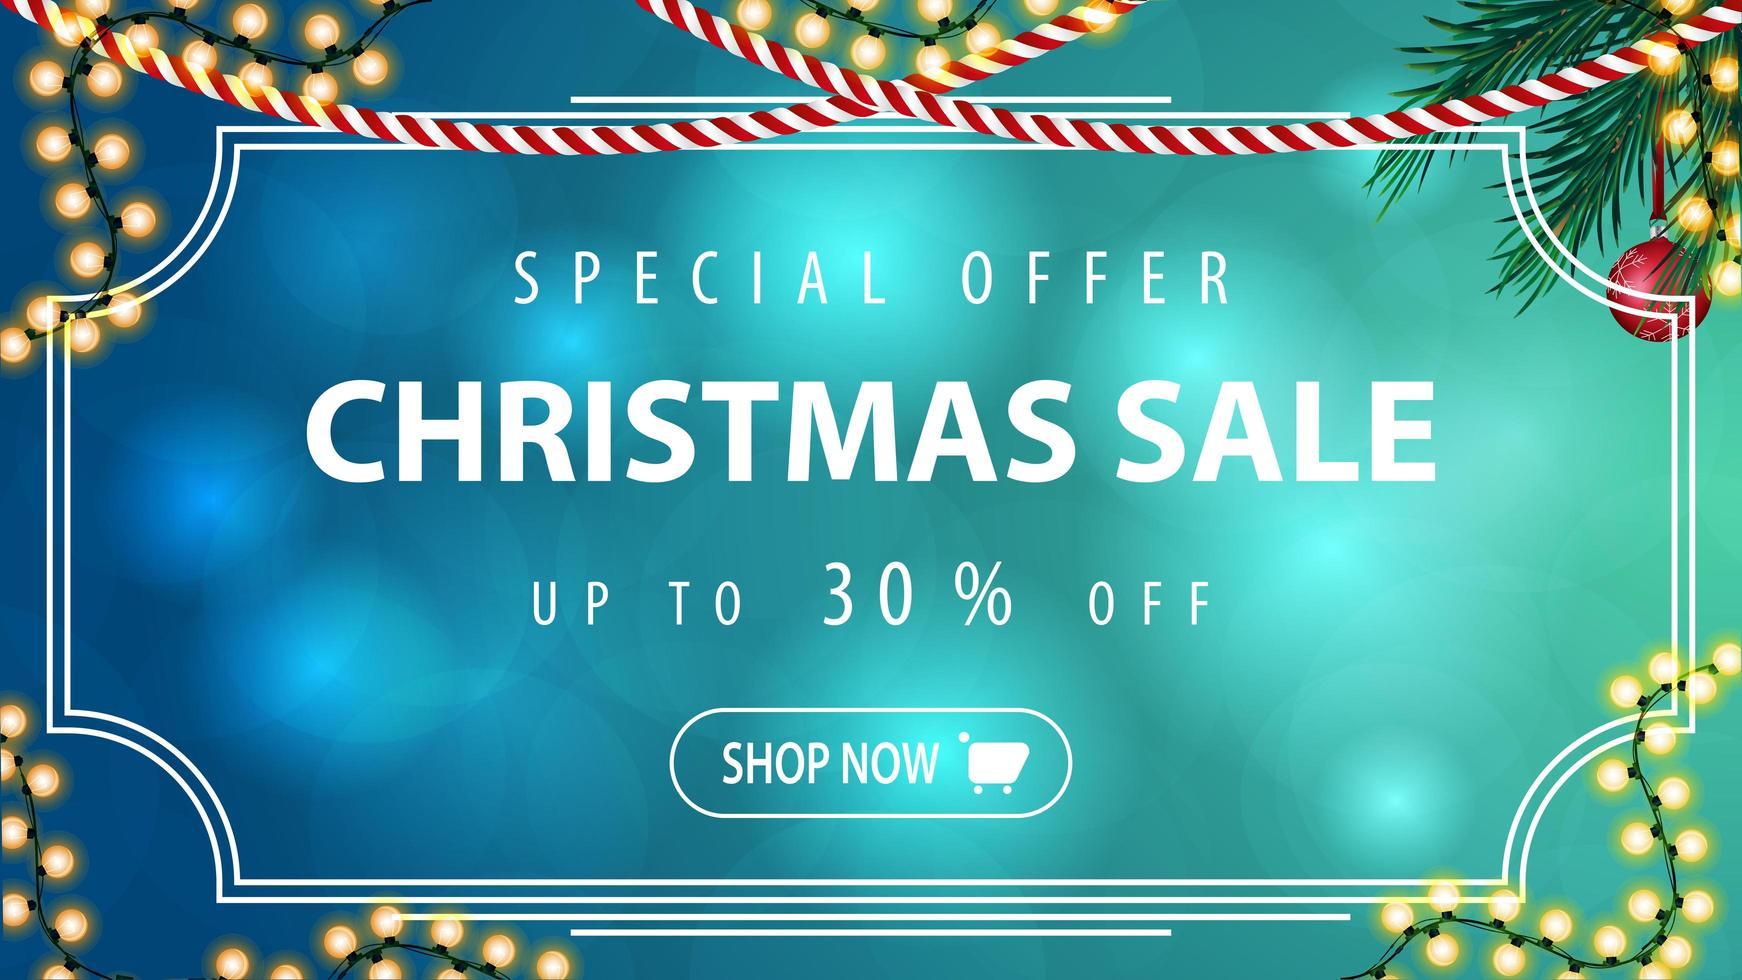 Sonderangebot, Weihnachtsverkauf, bis zu 30 Rabatt, blaues horizontales Rabattbanner mit Vintage-Rahmen, Girlande und Weihnachtsbaumzweig vektor